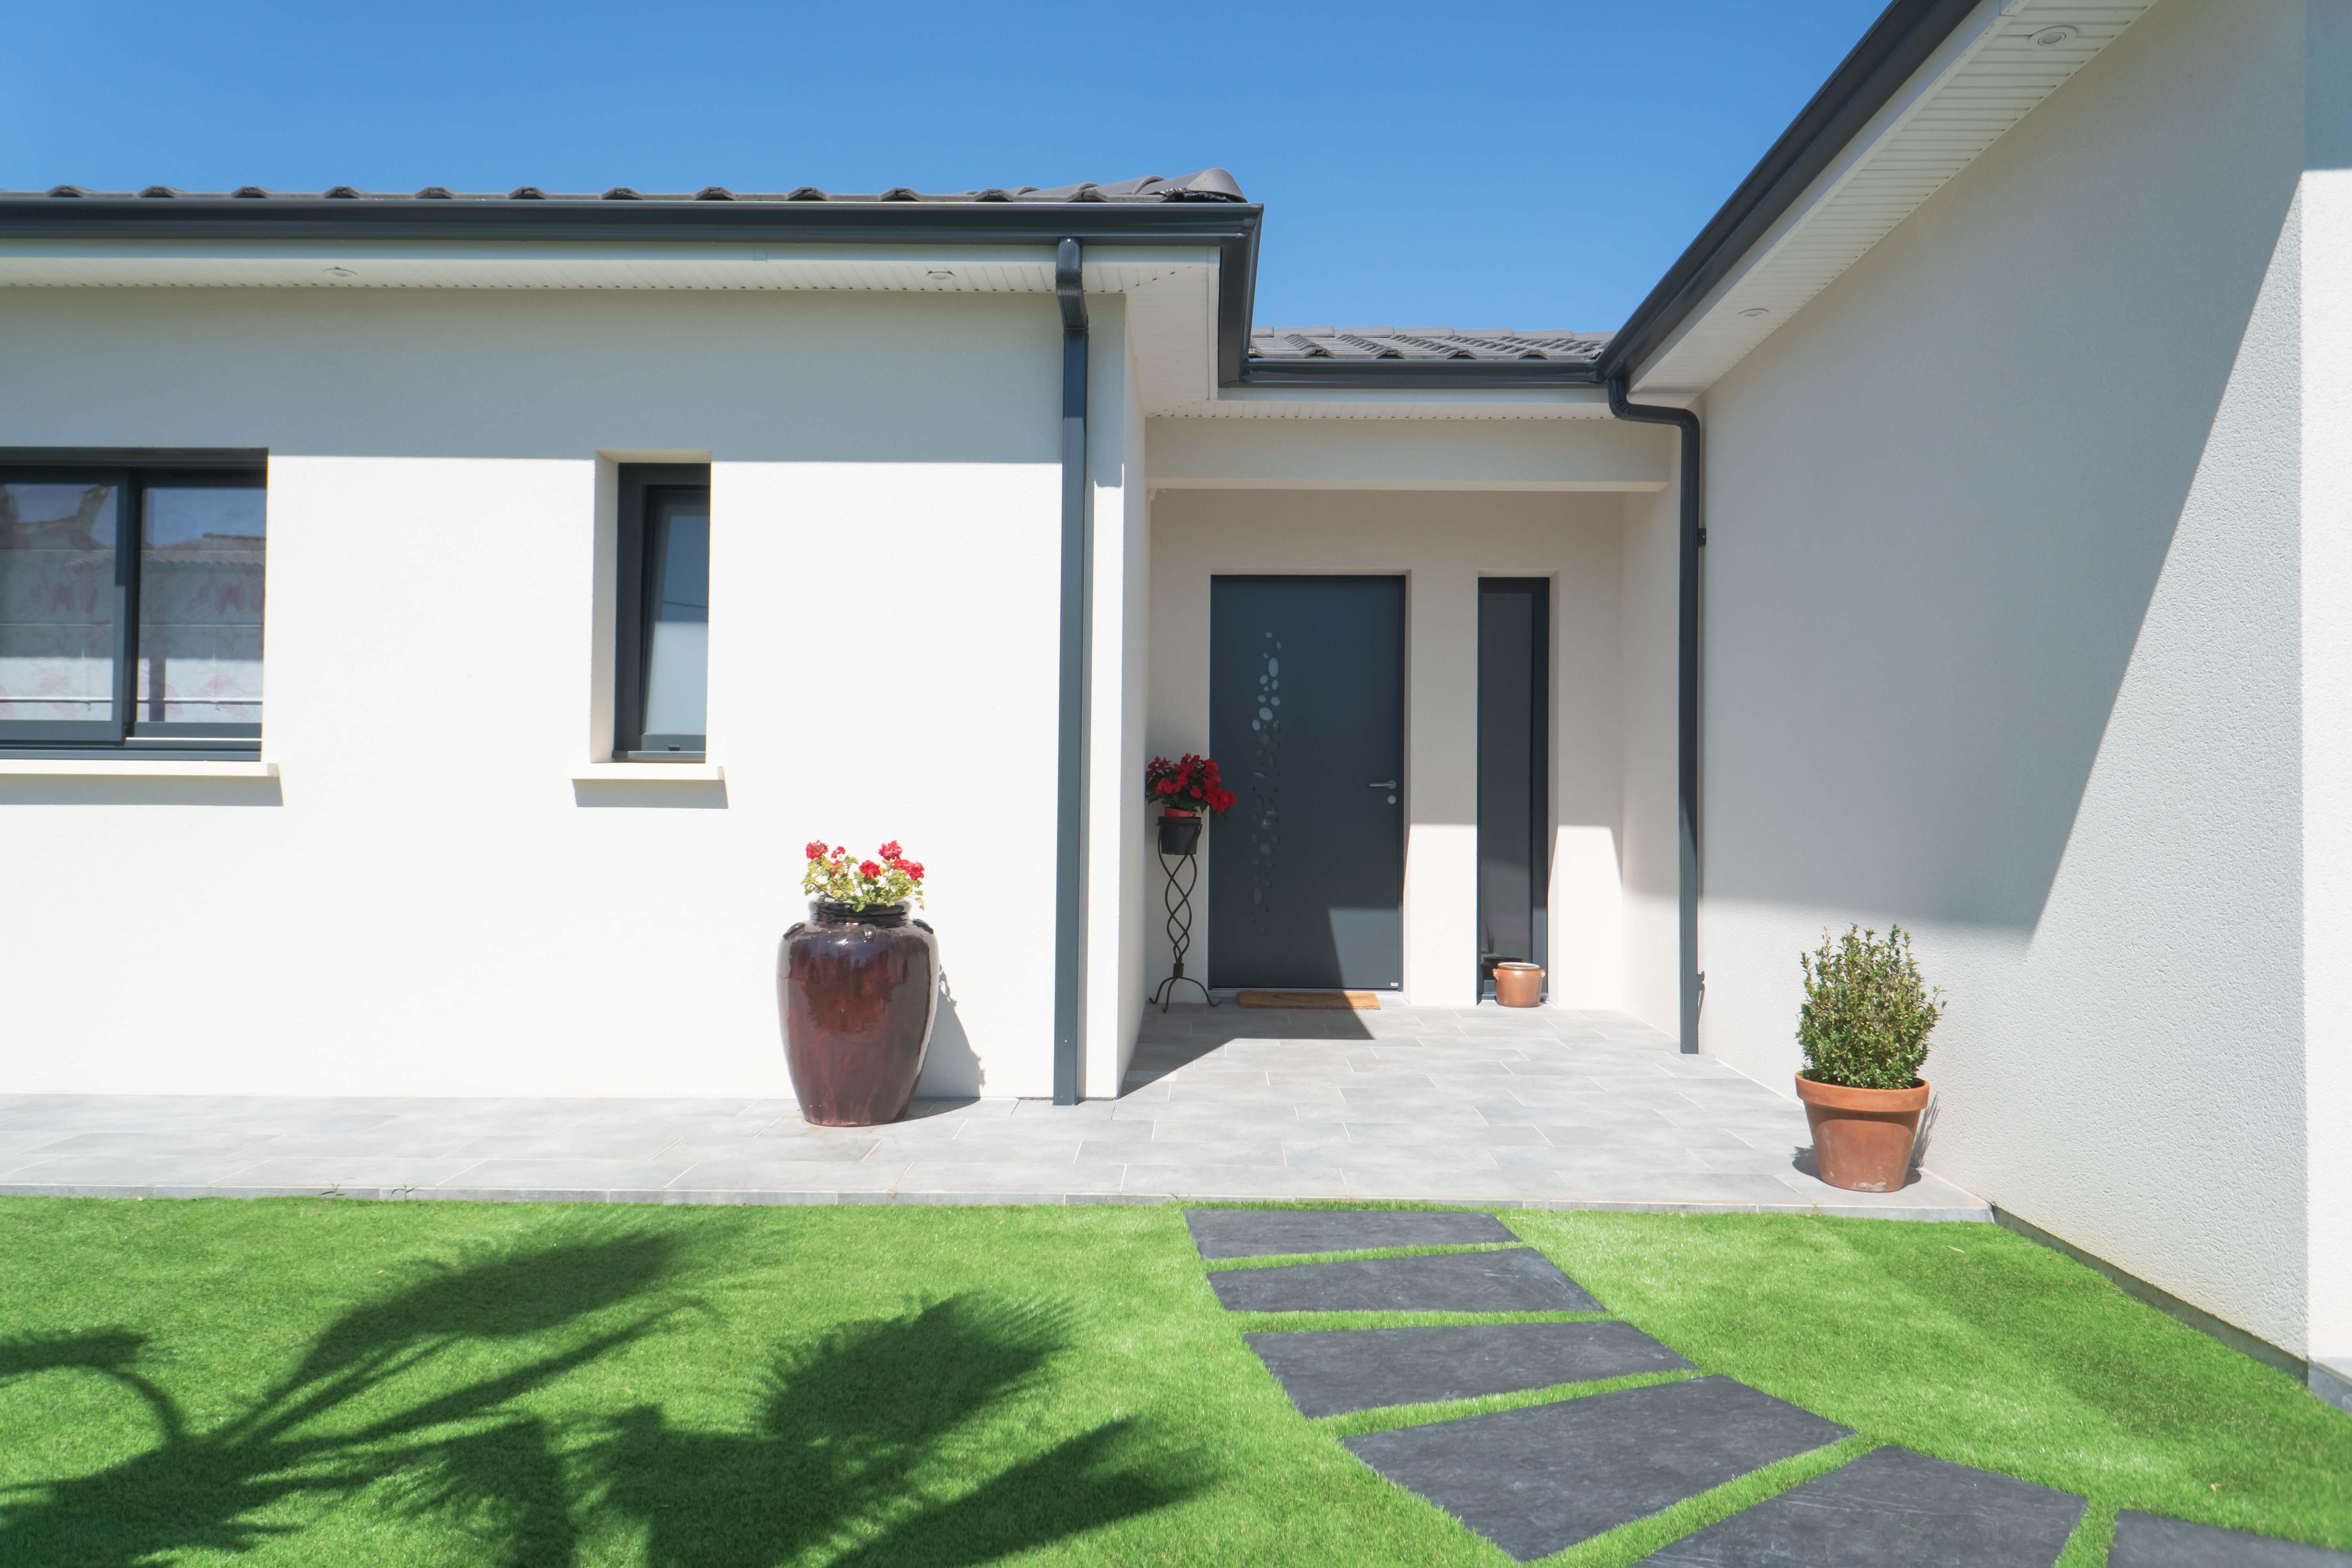 Maisons Bati Sud : Maison contemporaine, tuiles grises - 3